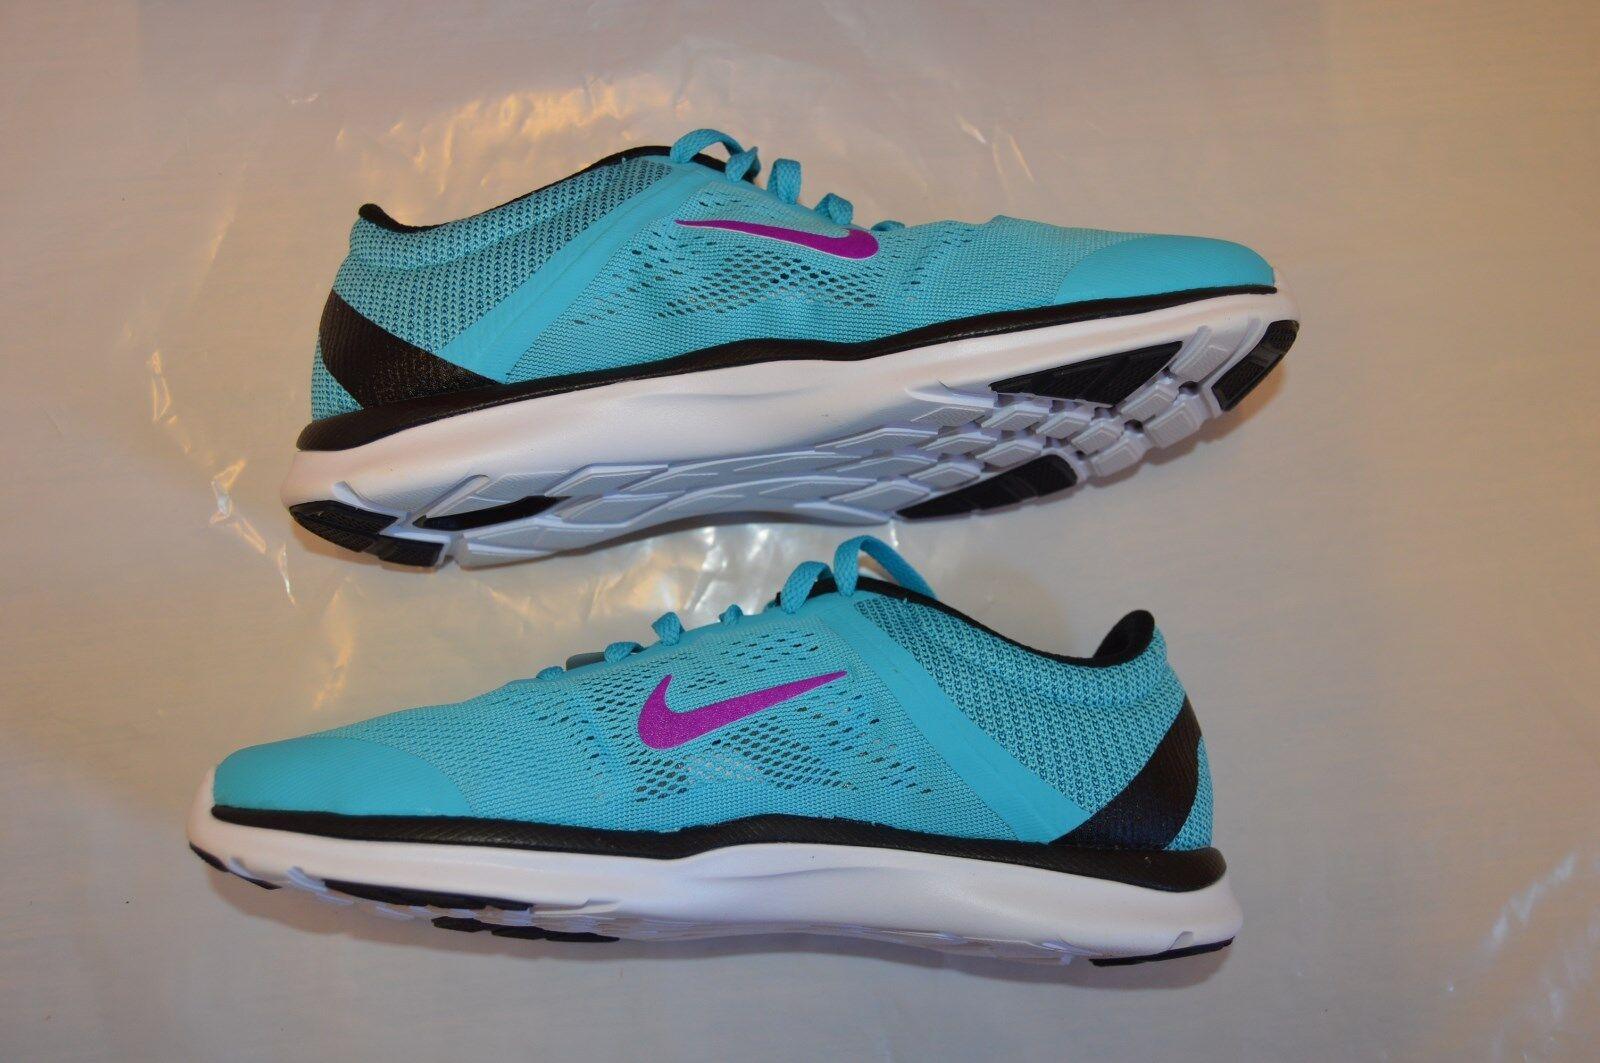 bnib femmes Nike In-Season TR / 5 Bleu / noir / TR blanc  trainers Taille5 gris 10963a